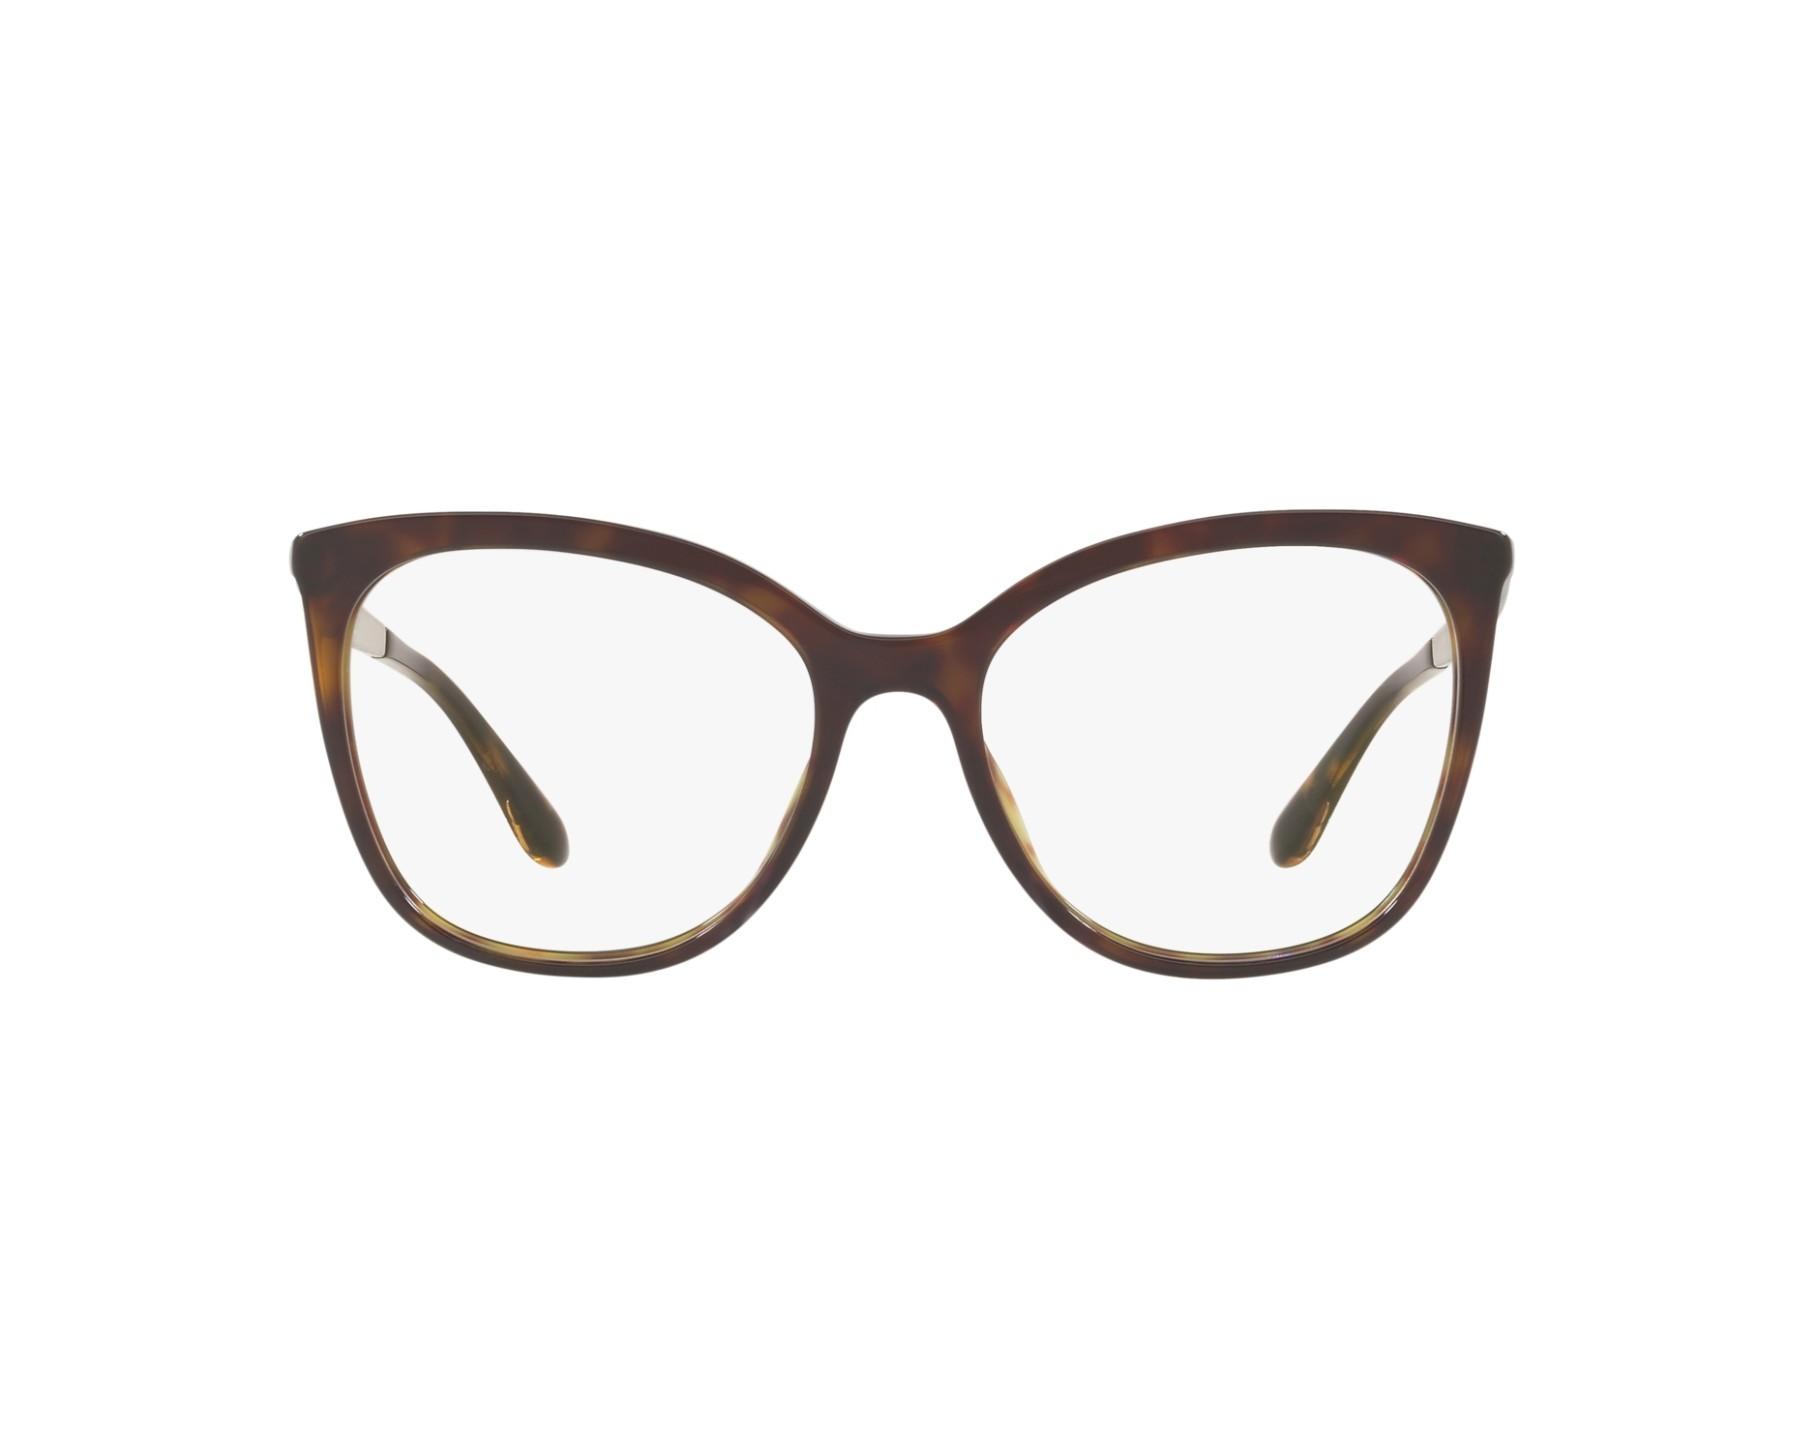 DOLCE & GABBANA Dolce & Gabbana Damen Brille » DG3278«, braun, 502 - braun